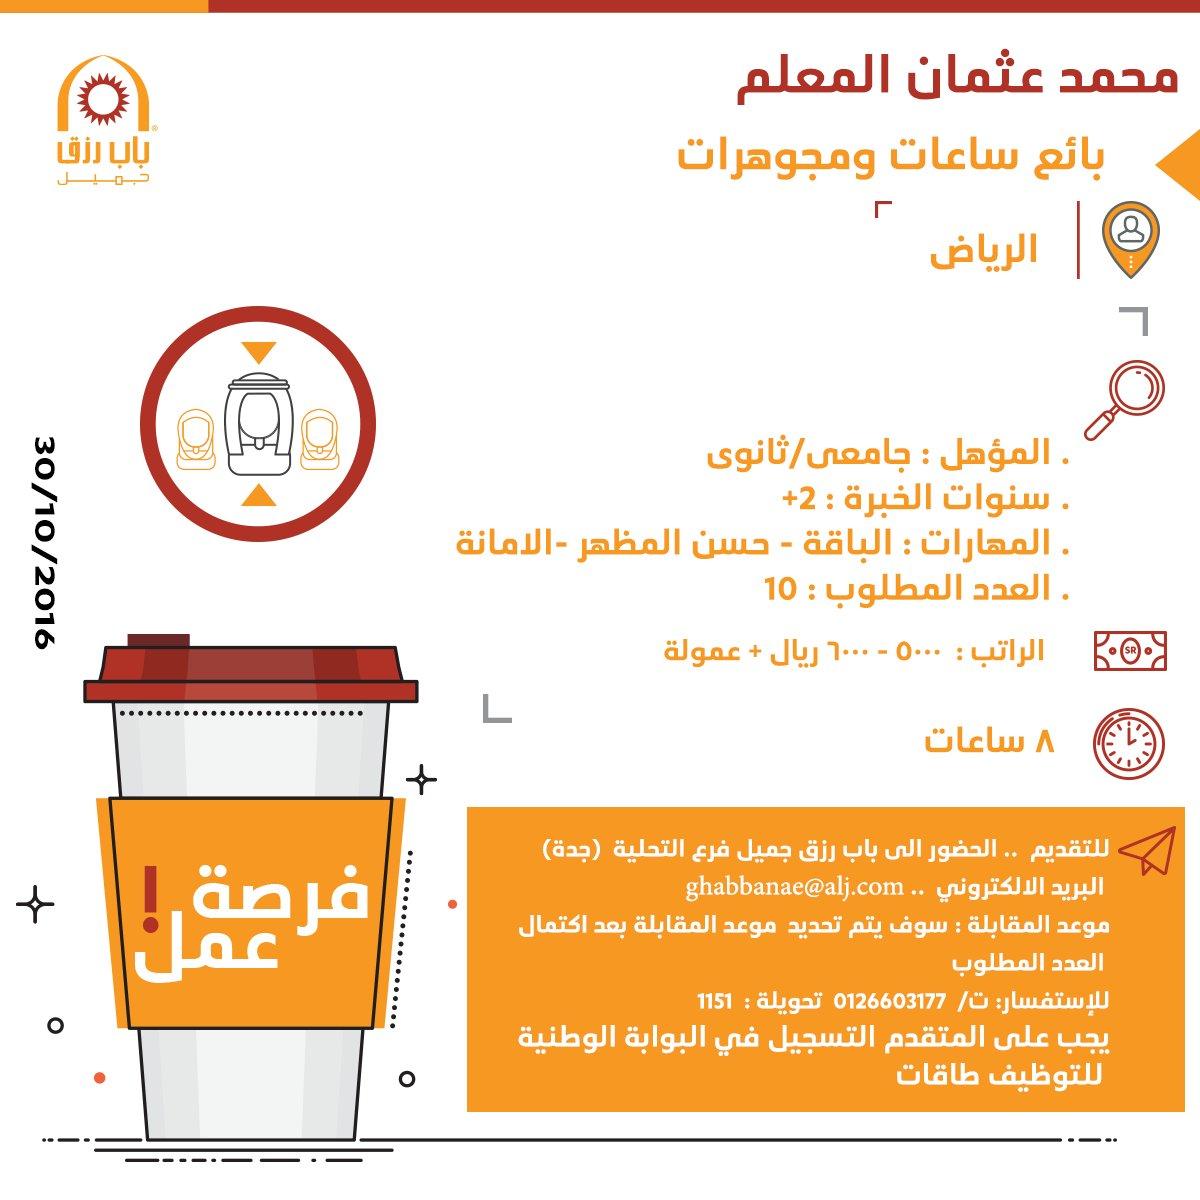 مطلوب بائع ساعات ومجوهرات لشركة محمد عثمان المعلم - الرياض